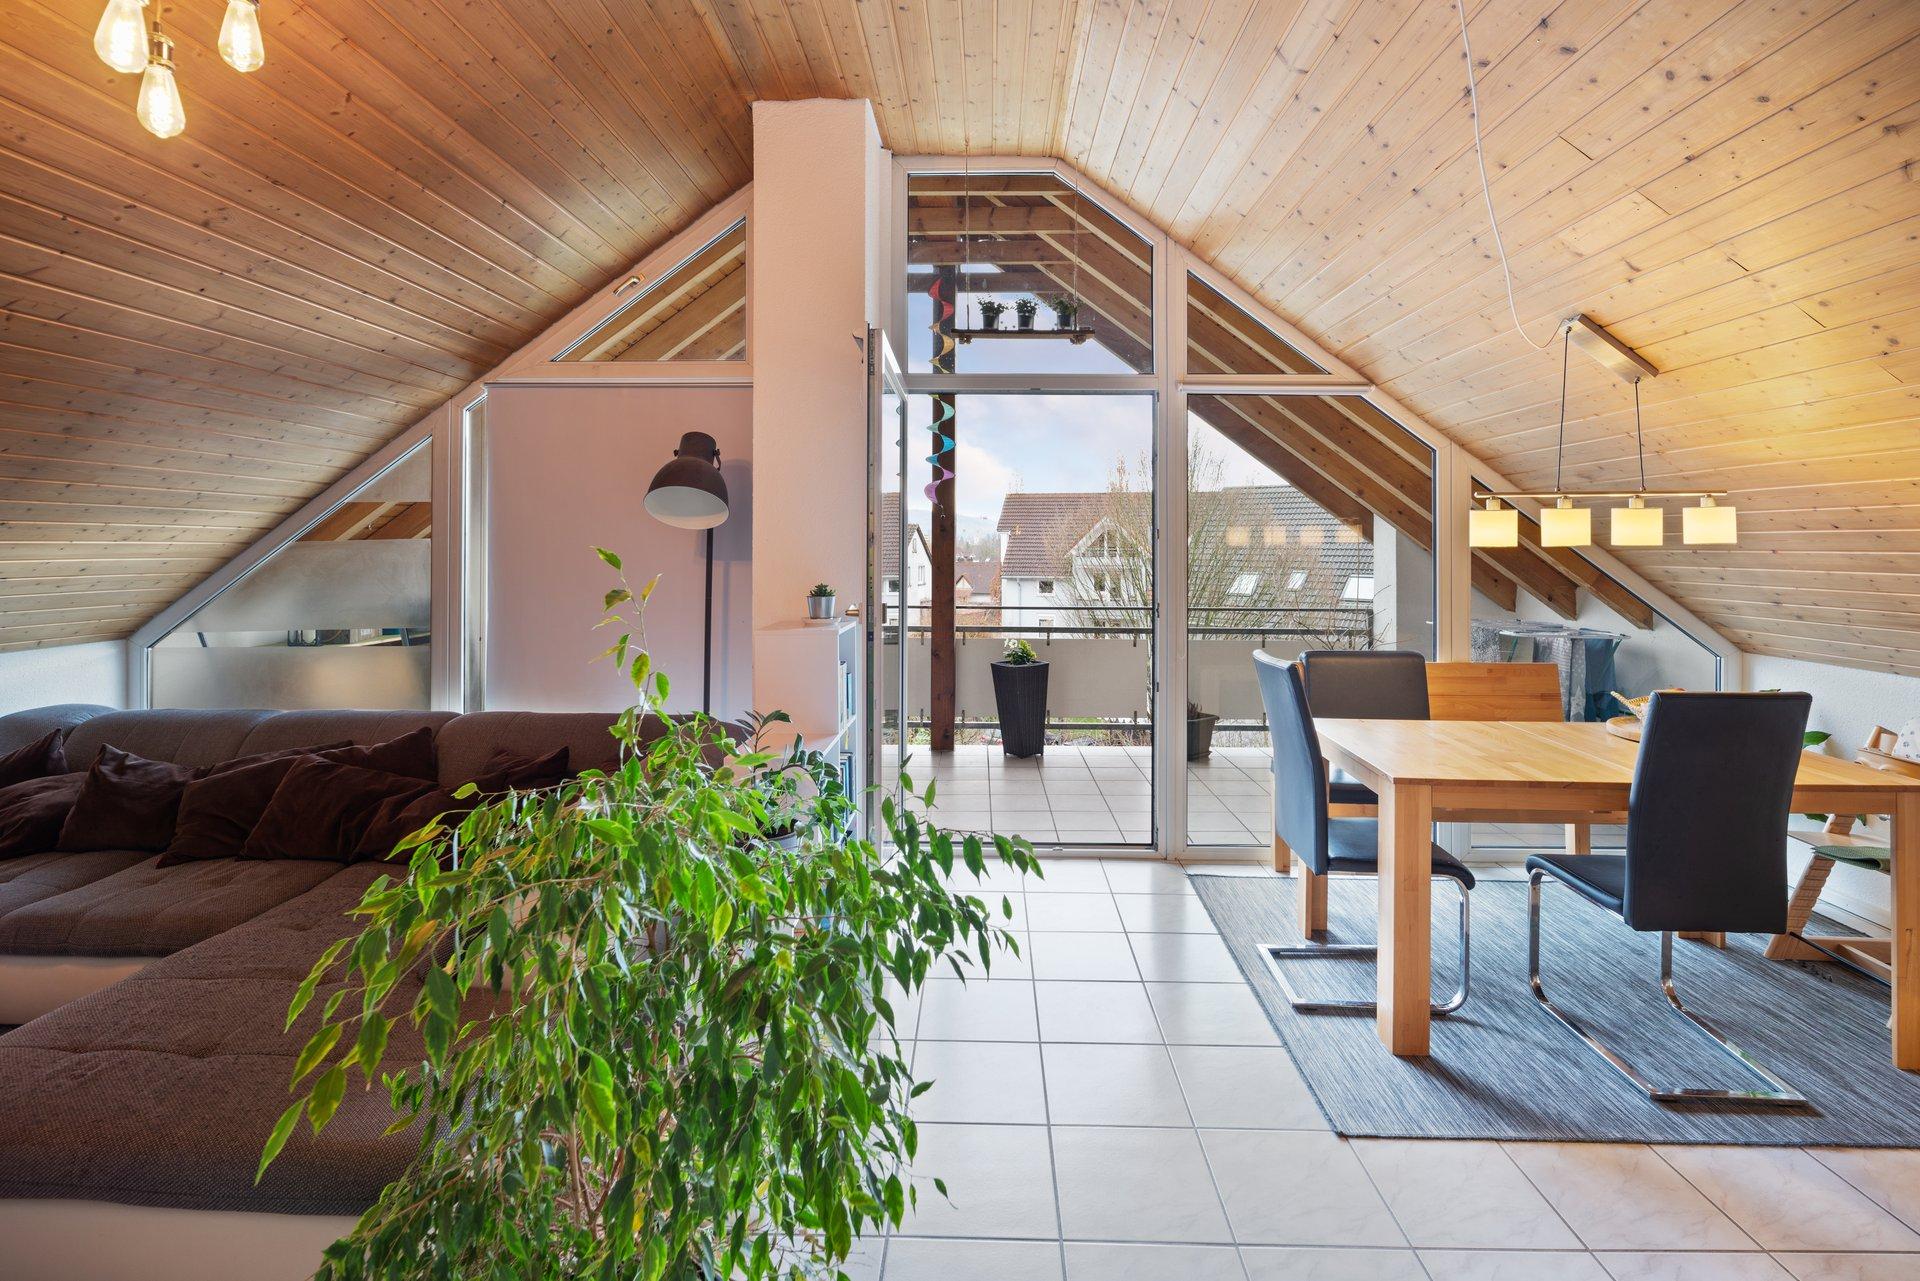 Begehrte Lage: Extravagant geschnittene helle 3,5 Zi. Wohnung mit Stellplatz im Dorfkern Rheinfelden-Nollingen